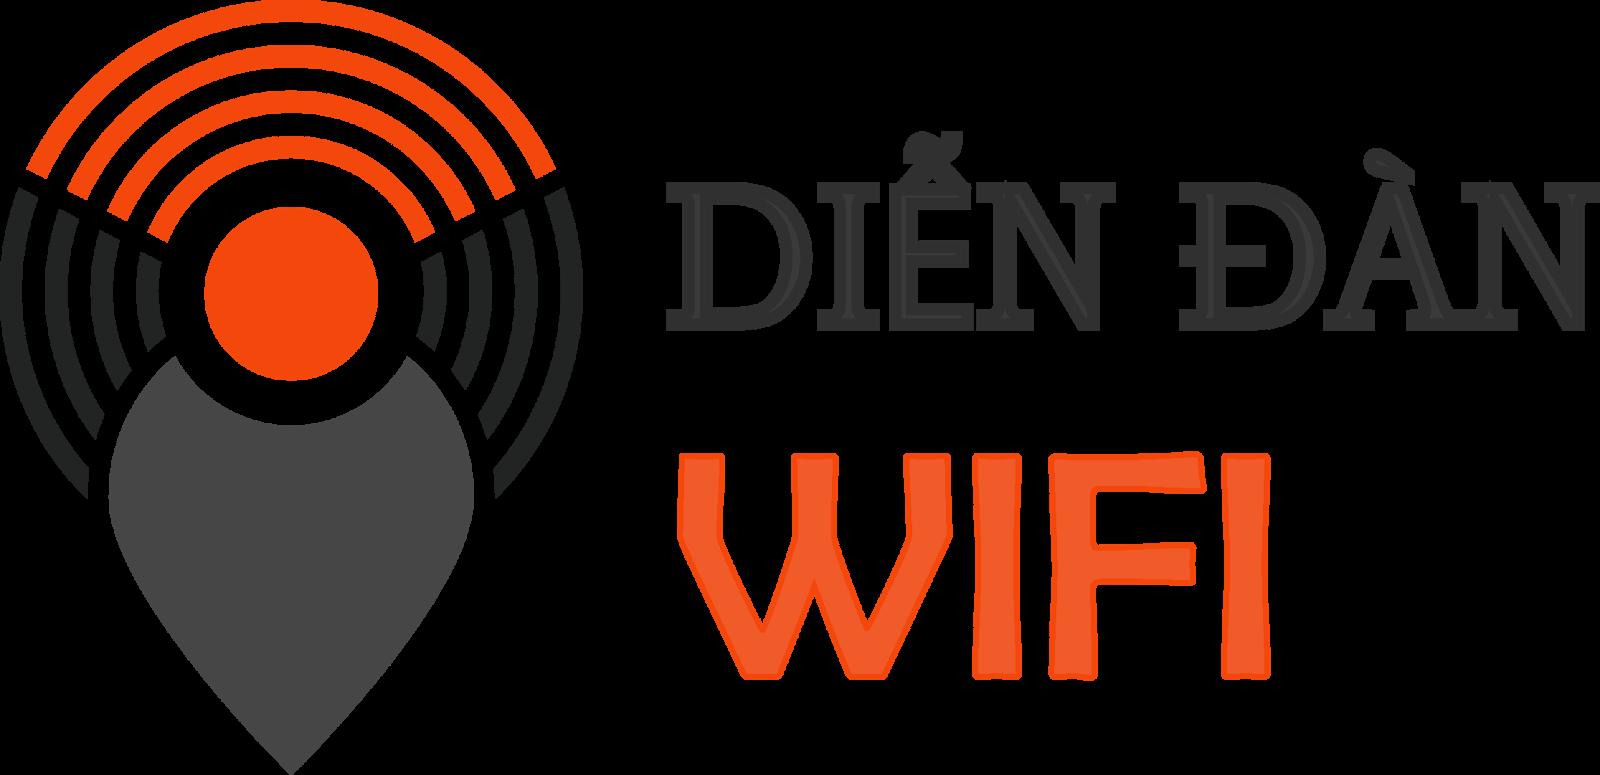 Wicell - Công nghệ Hybrid WiFi Mesh thông minh 802.11 ac/n. Tiêu chuẩn 5 sao mọi điều kiện Dự Án